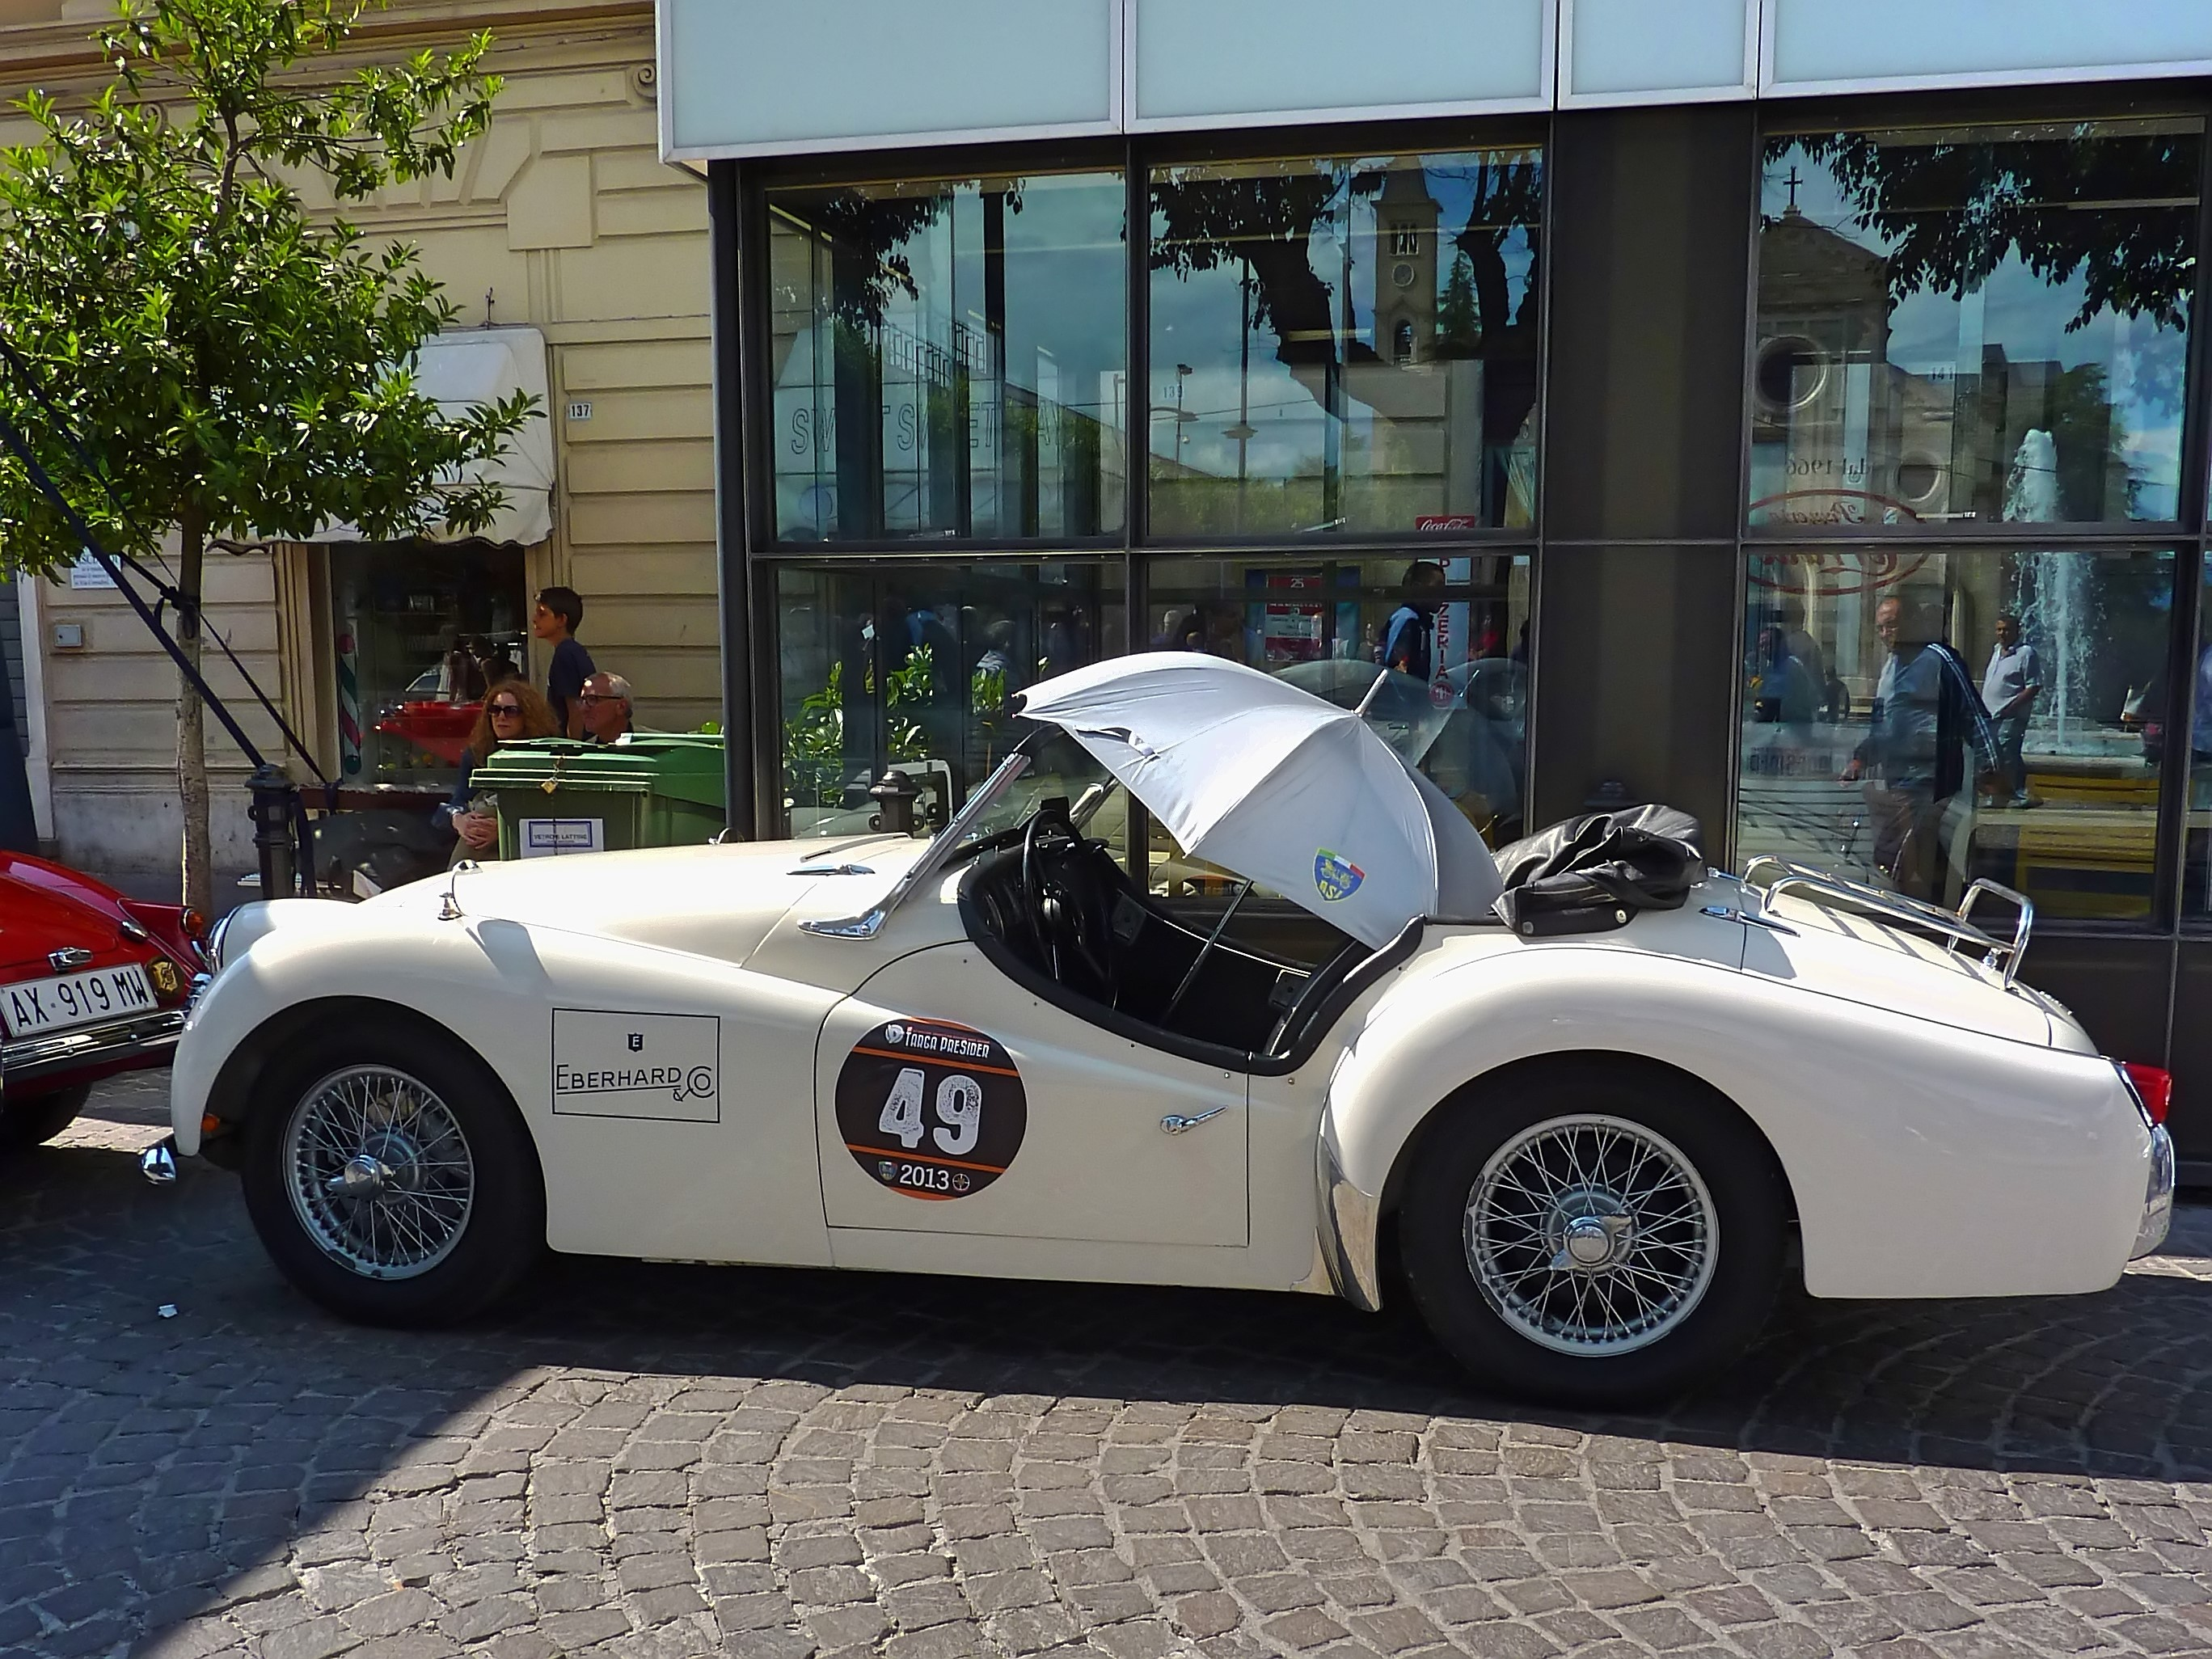 1st Circuito Di Avezzano 2013 (26)